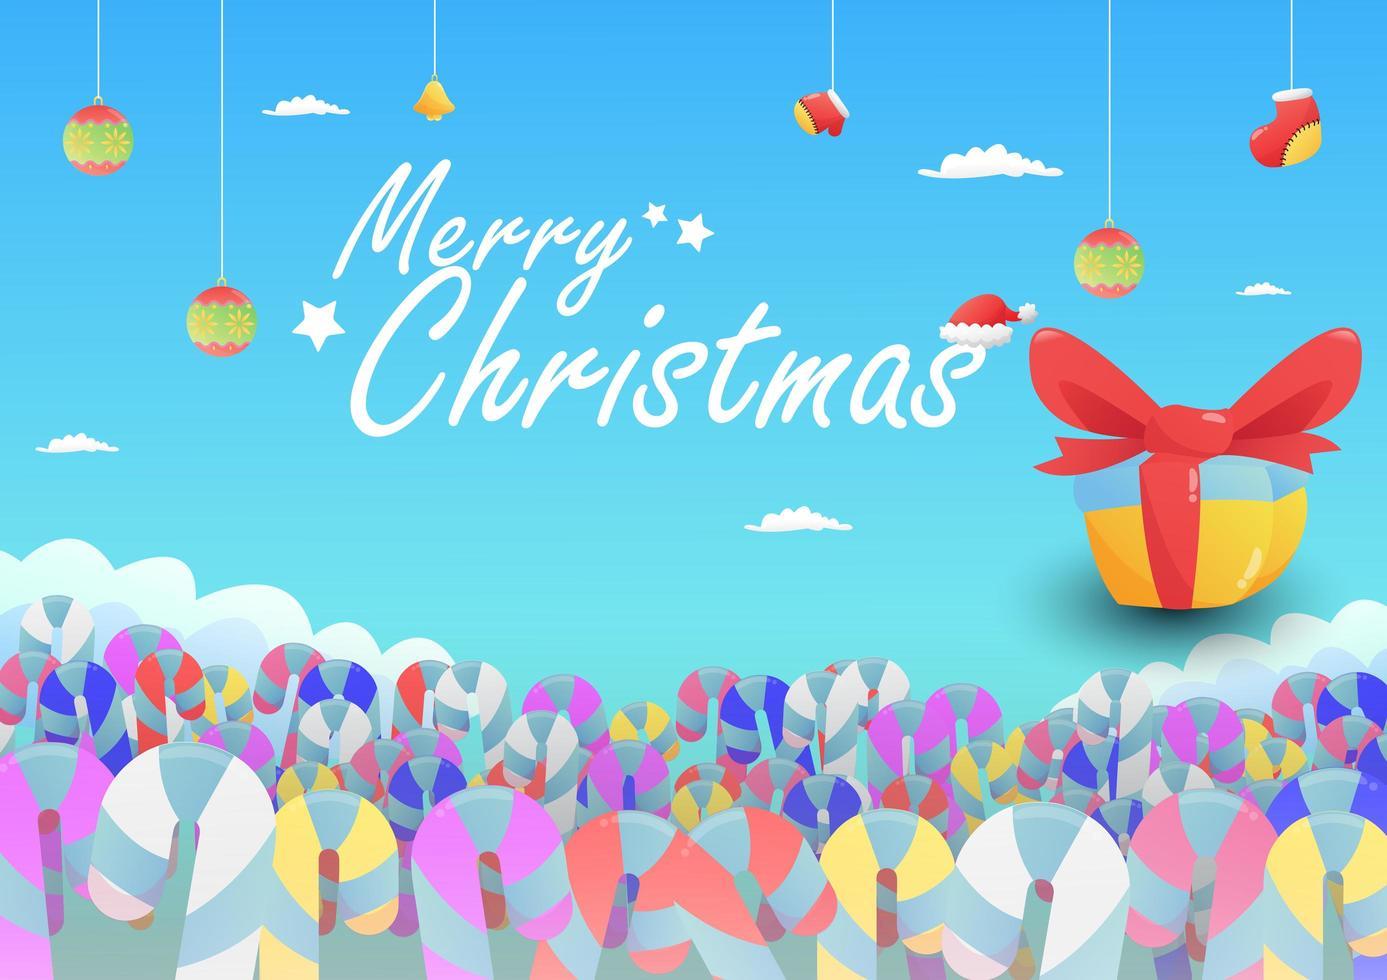 fondo de navidad con dulces - Descargar Vectores Gratis, Illustrator Graficos, Plantillas Diseño